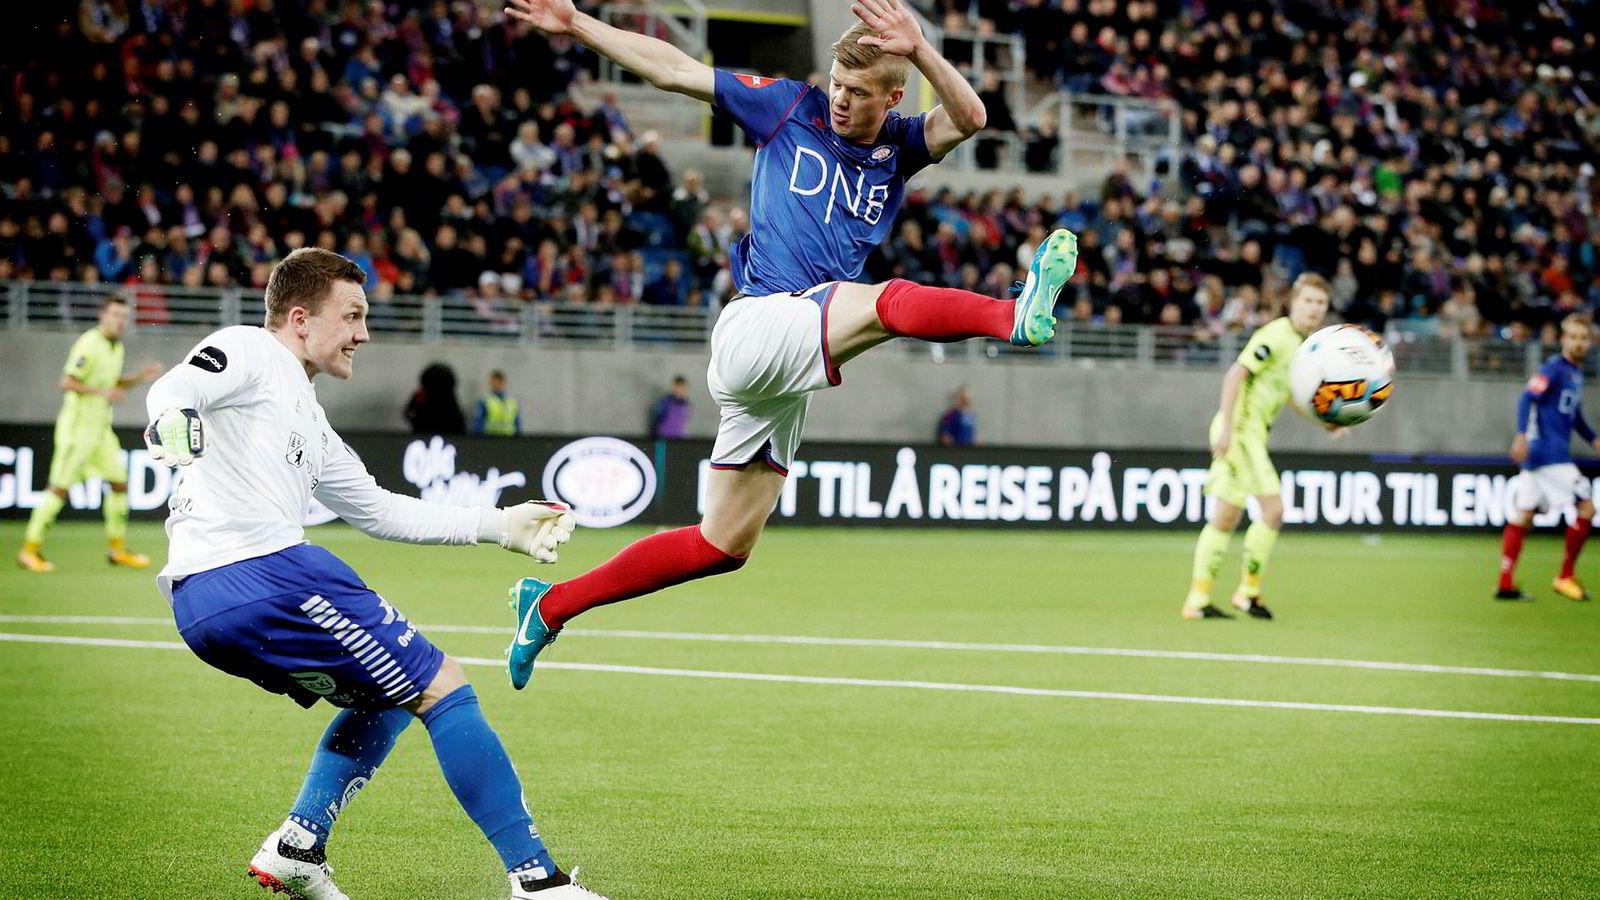 Islandske Samúel Kari Fridjonsson, her i duell mot Sarpsborgs tidligere keeper Stefan Cupic i fjor høst, er den eneste eliteseriespilleren som får være med i sommerens fotball-VM. Det betyr penger i kassen for klubben hans, Vålerenga.